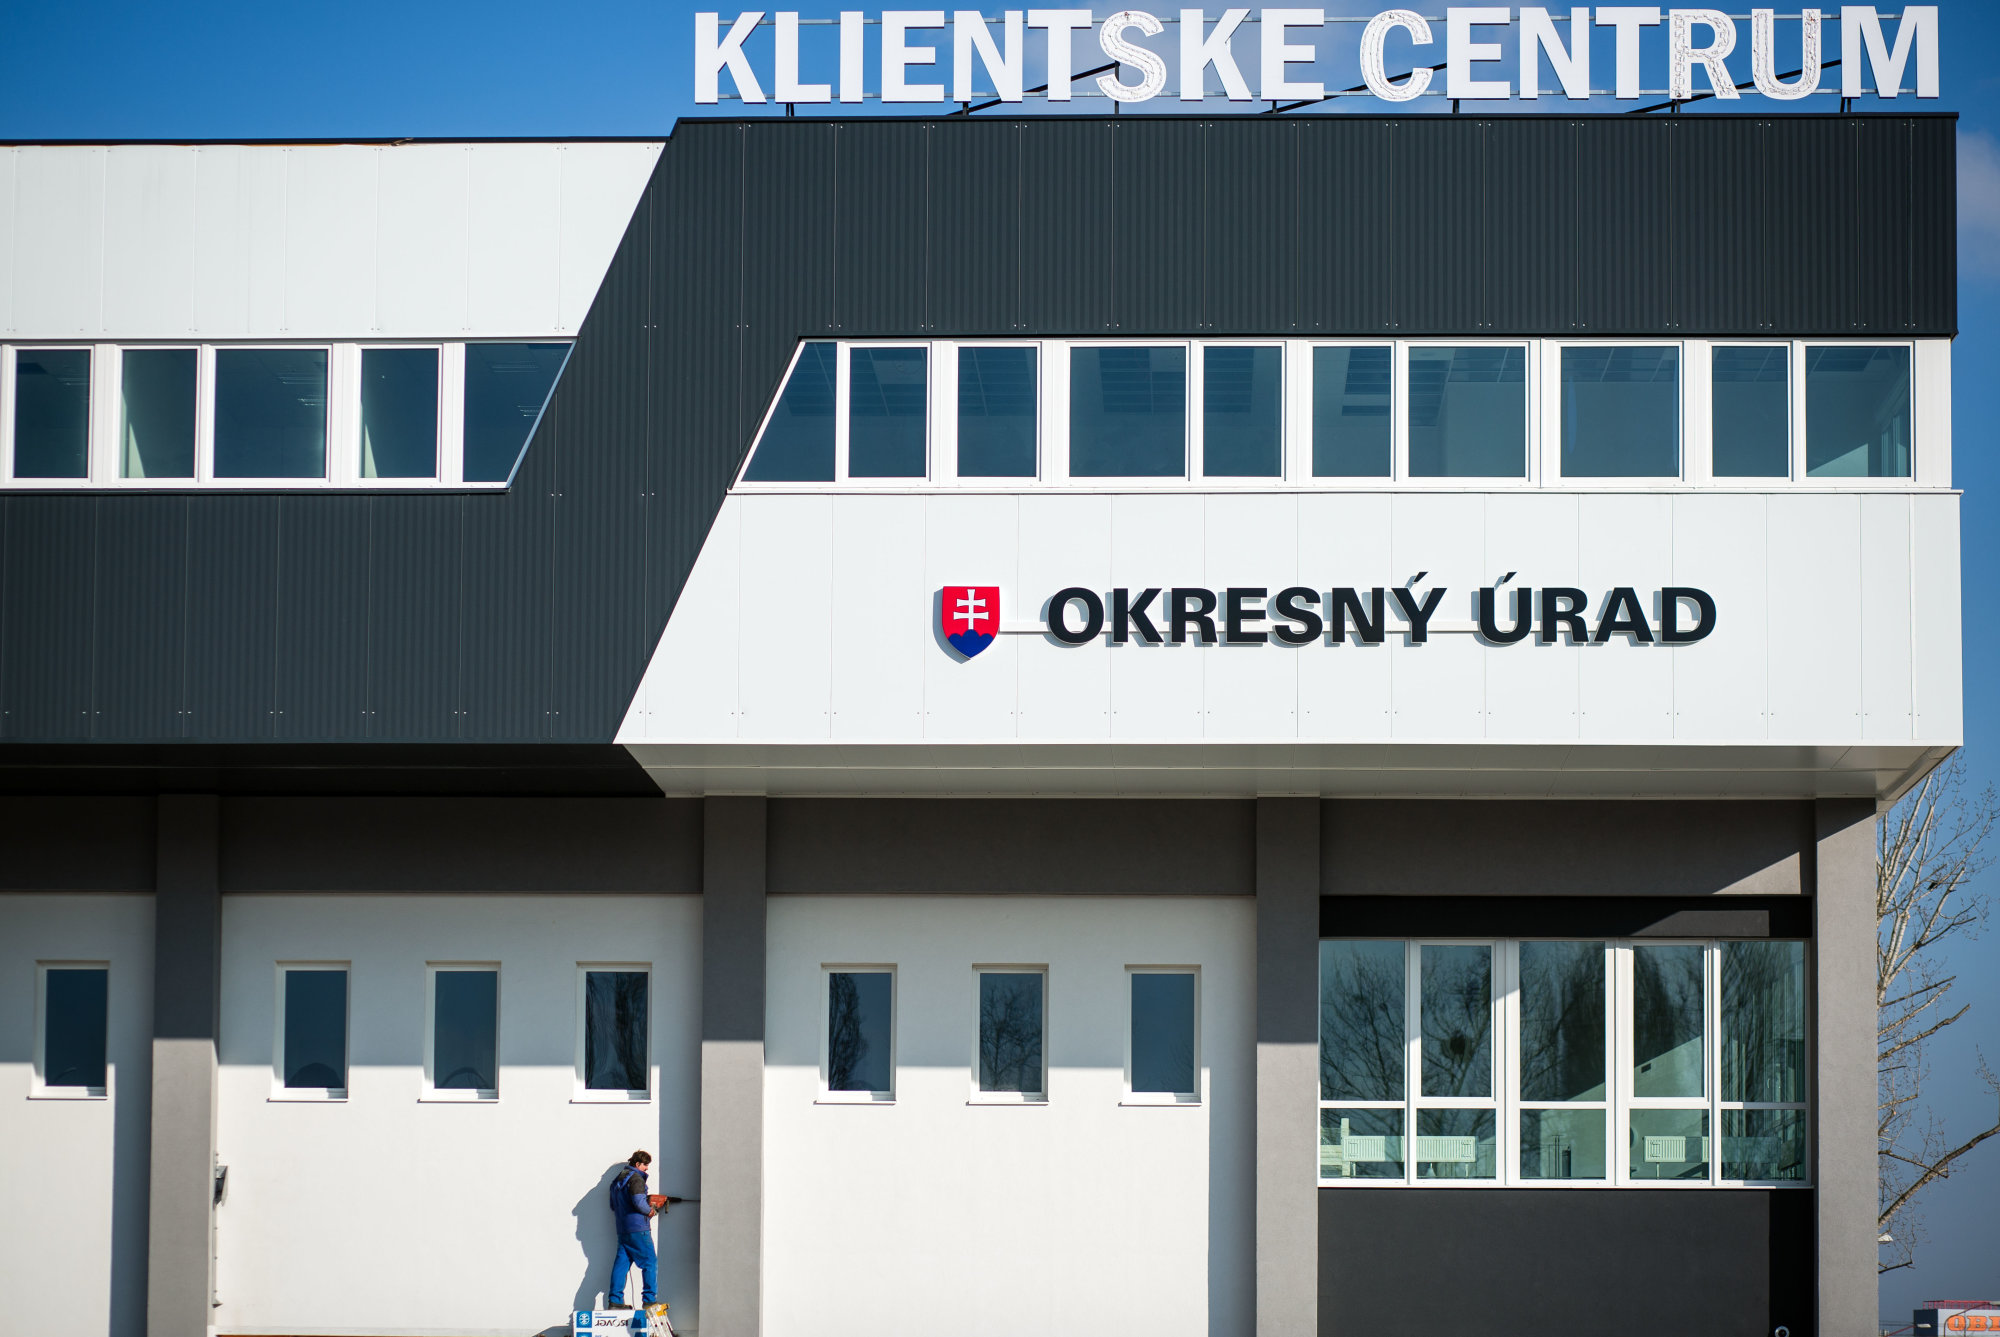 V klientskom centre v Bratislave bola razia, úplatky tam kryli cez sprostredkovateľskú firmu – Denník N